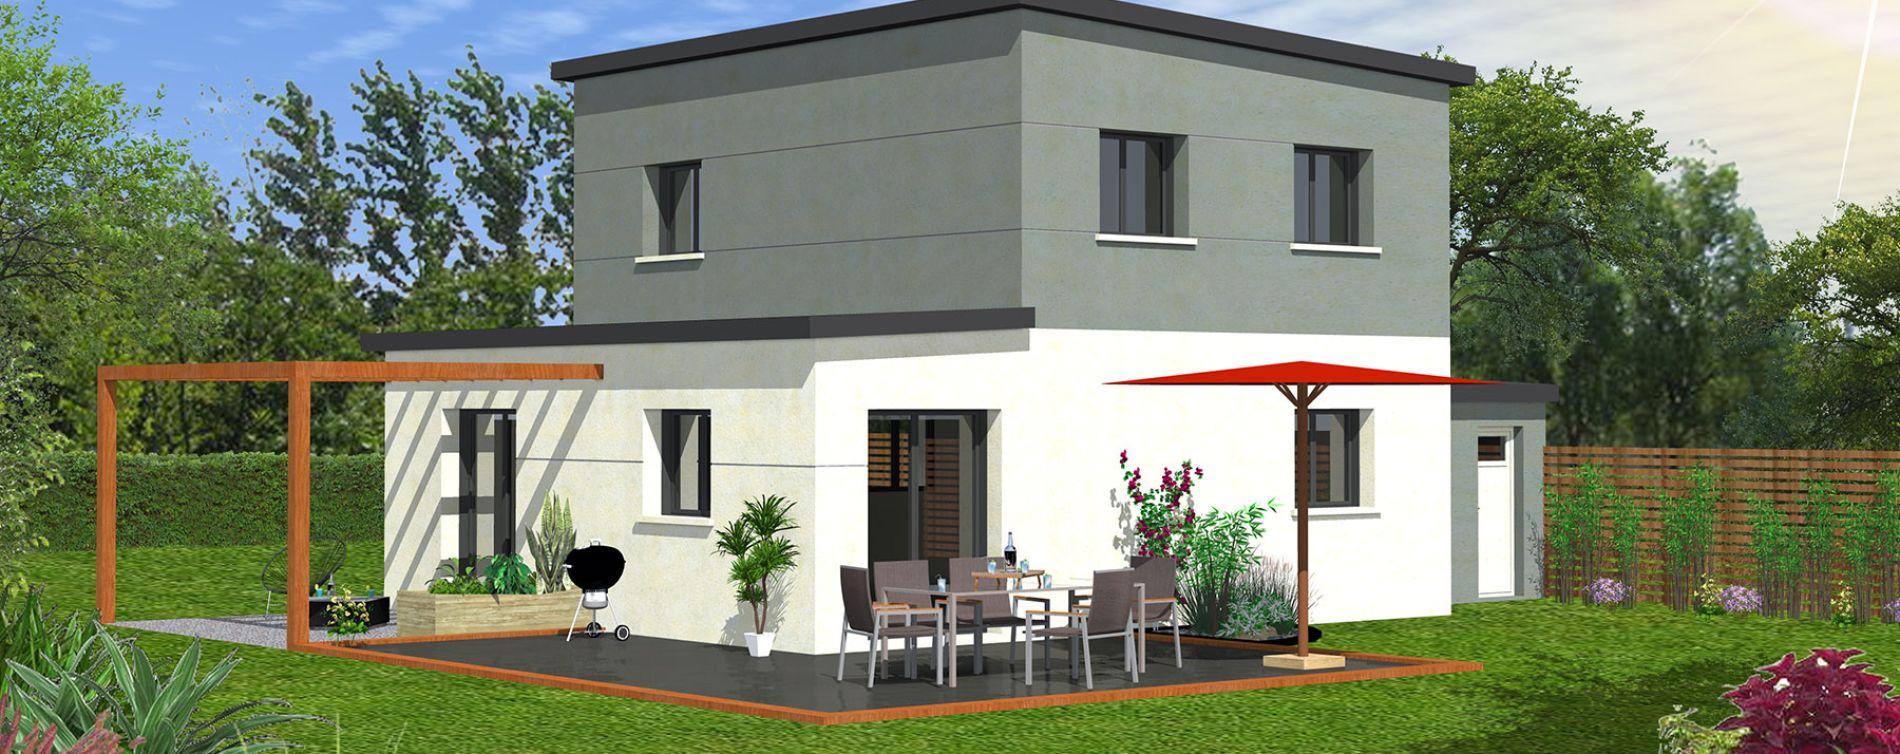 Ploudalmézeau : programme immobilier neuve « Tréompan » (5)